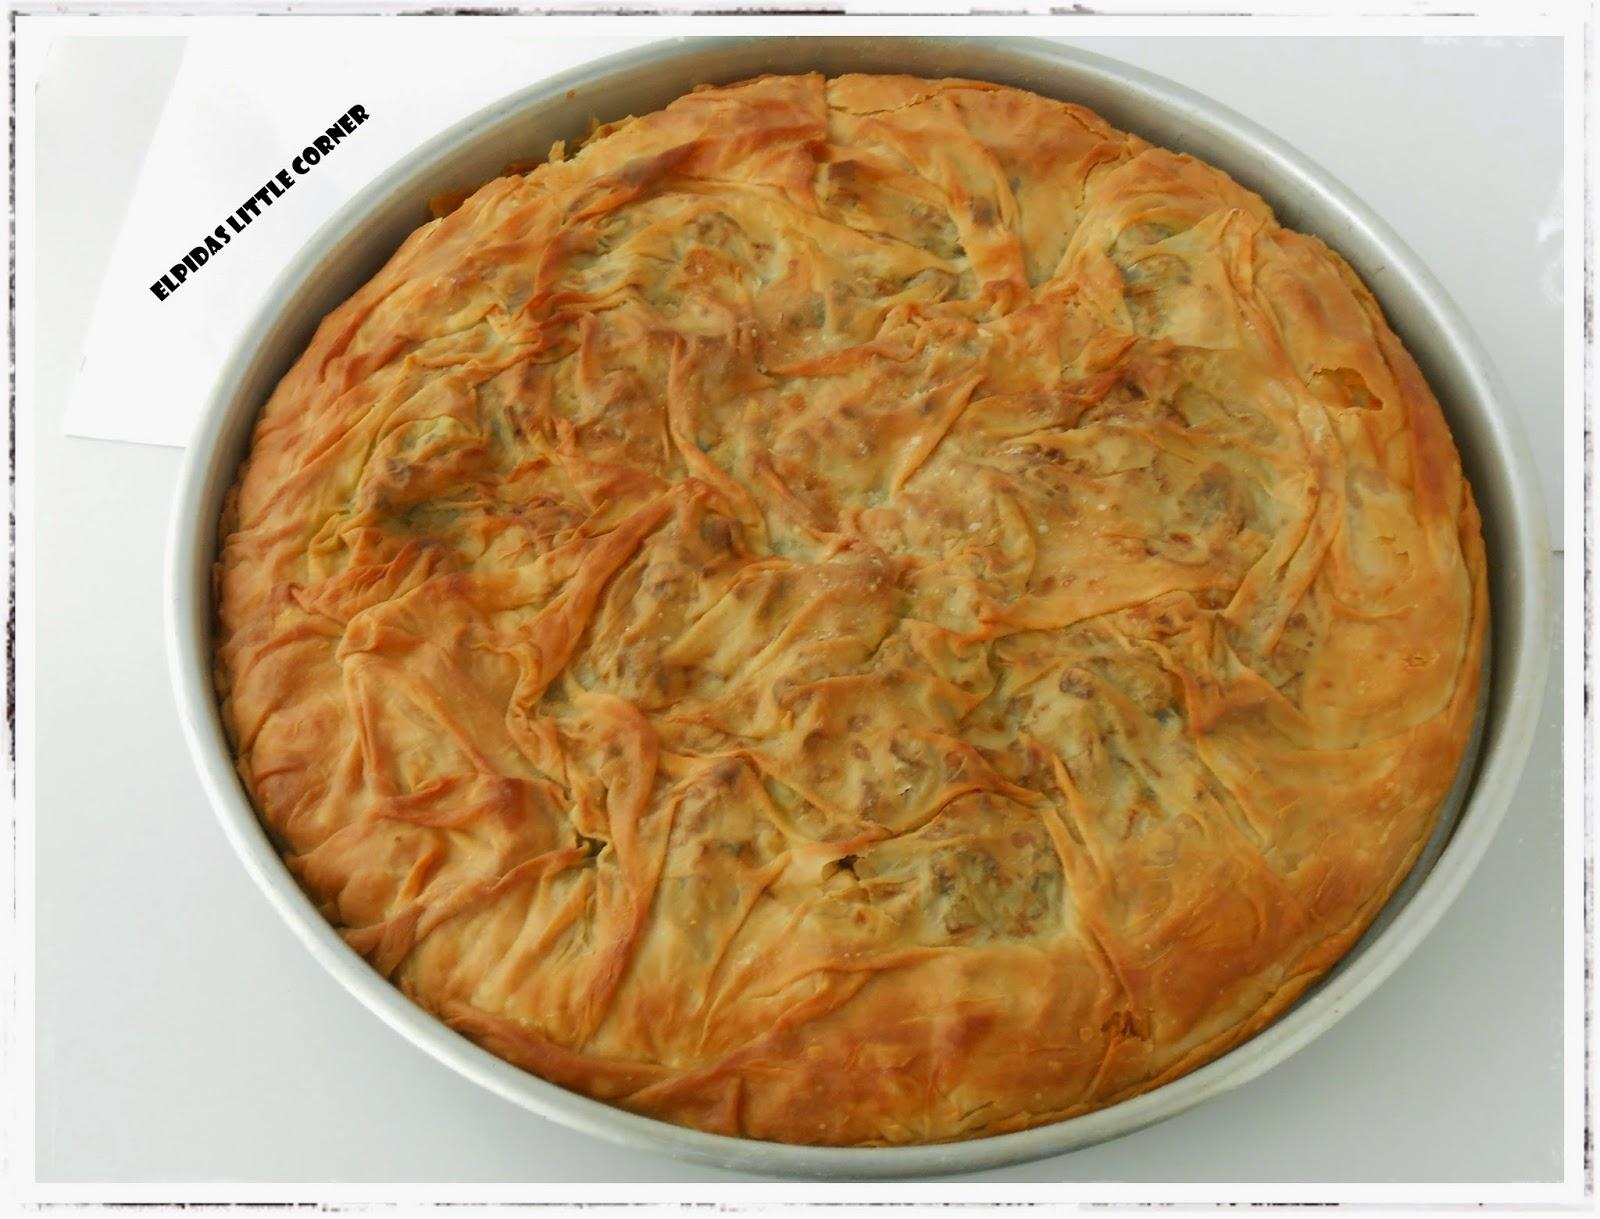 Χορτόπιτα, της Ελπίδας Χαραλαμπίδου (Elpida's little corner)